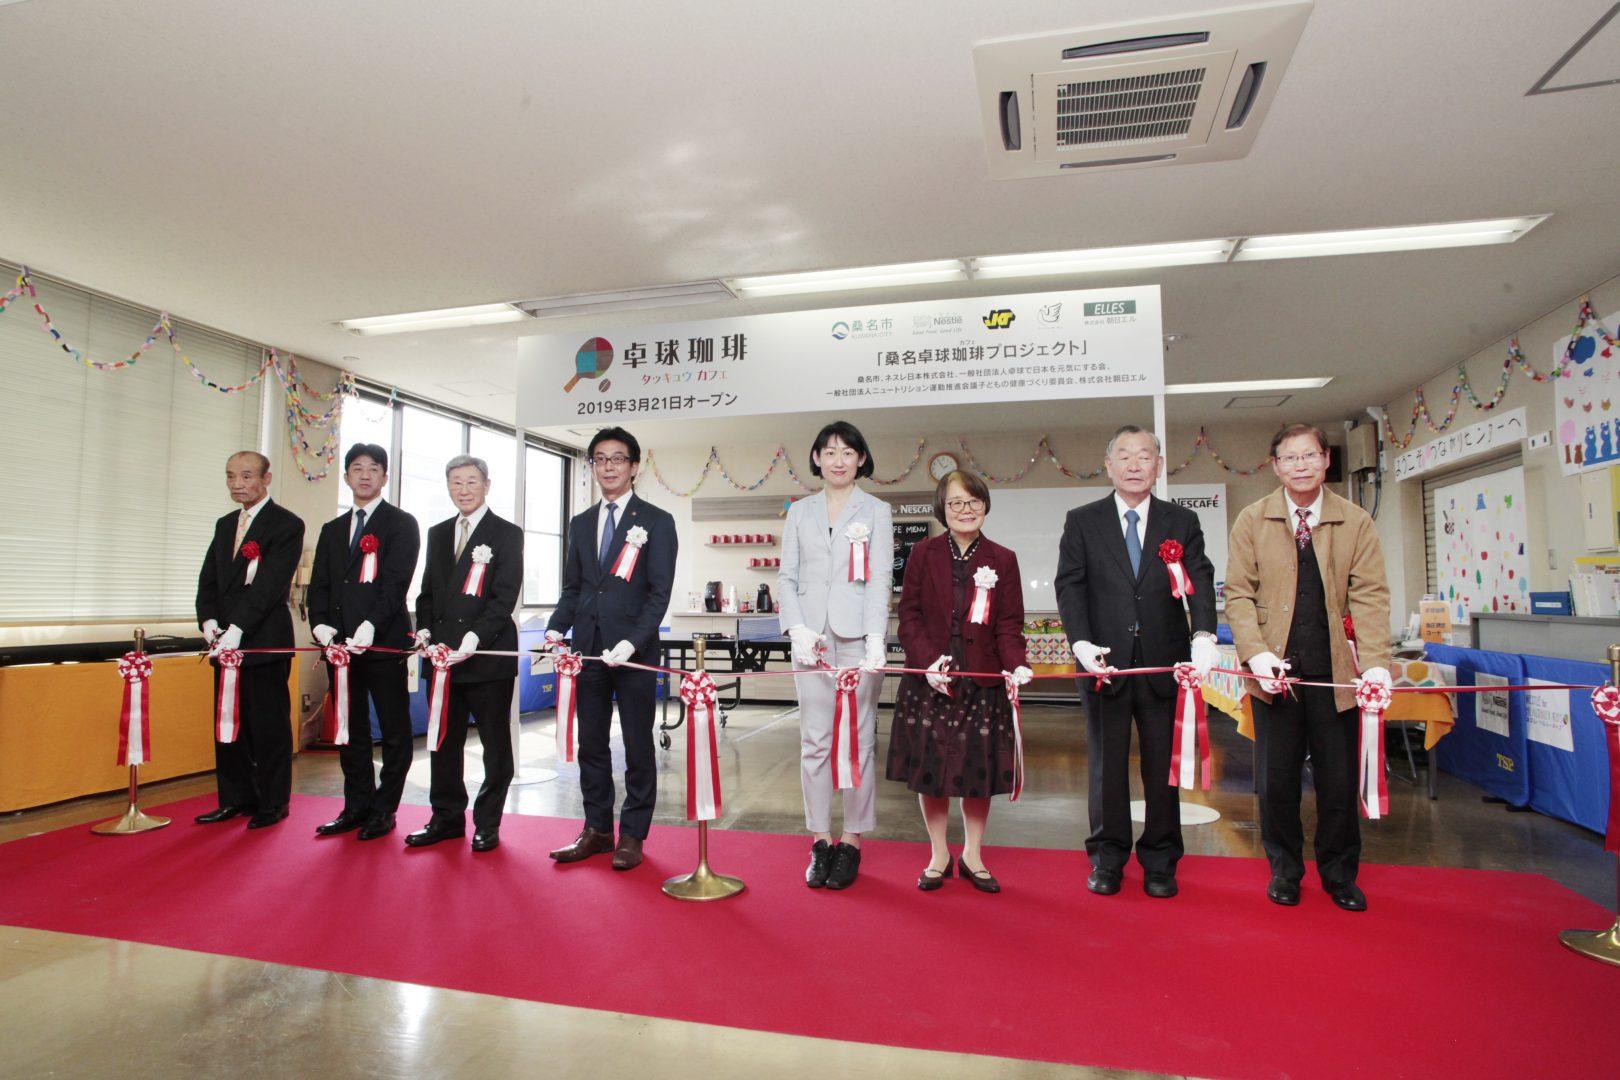 【三重・桑名市】官民連携卓球カフェに見る健康増進・地域交流の可能性